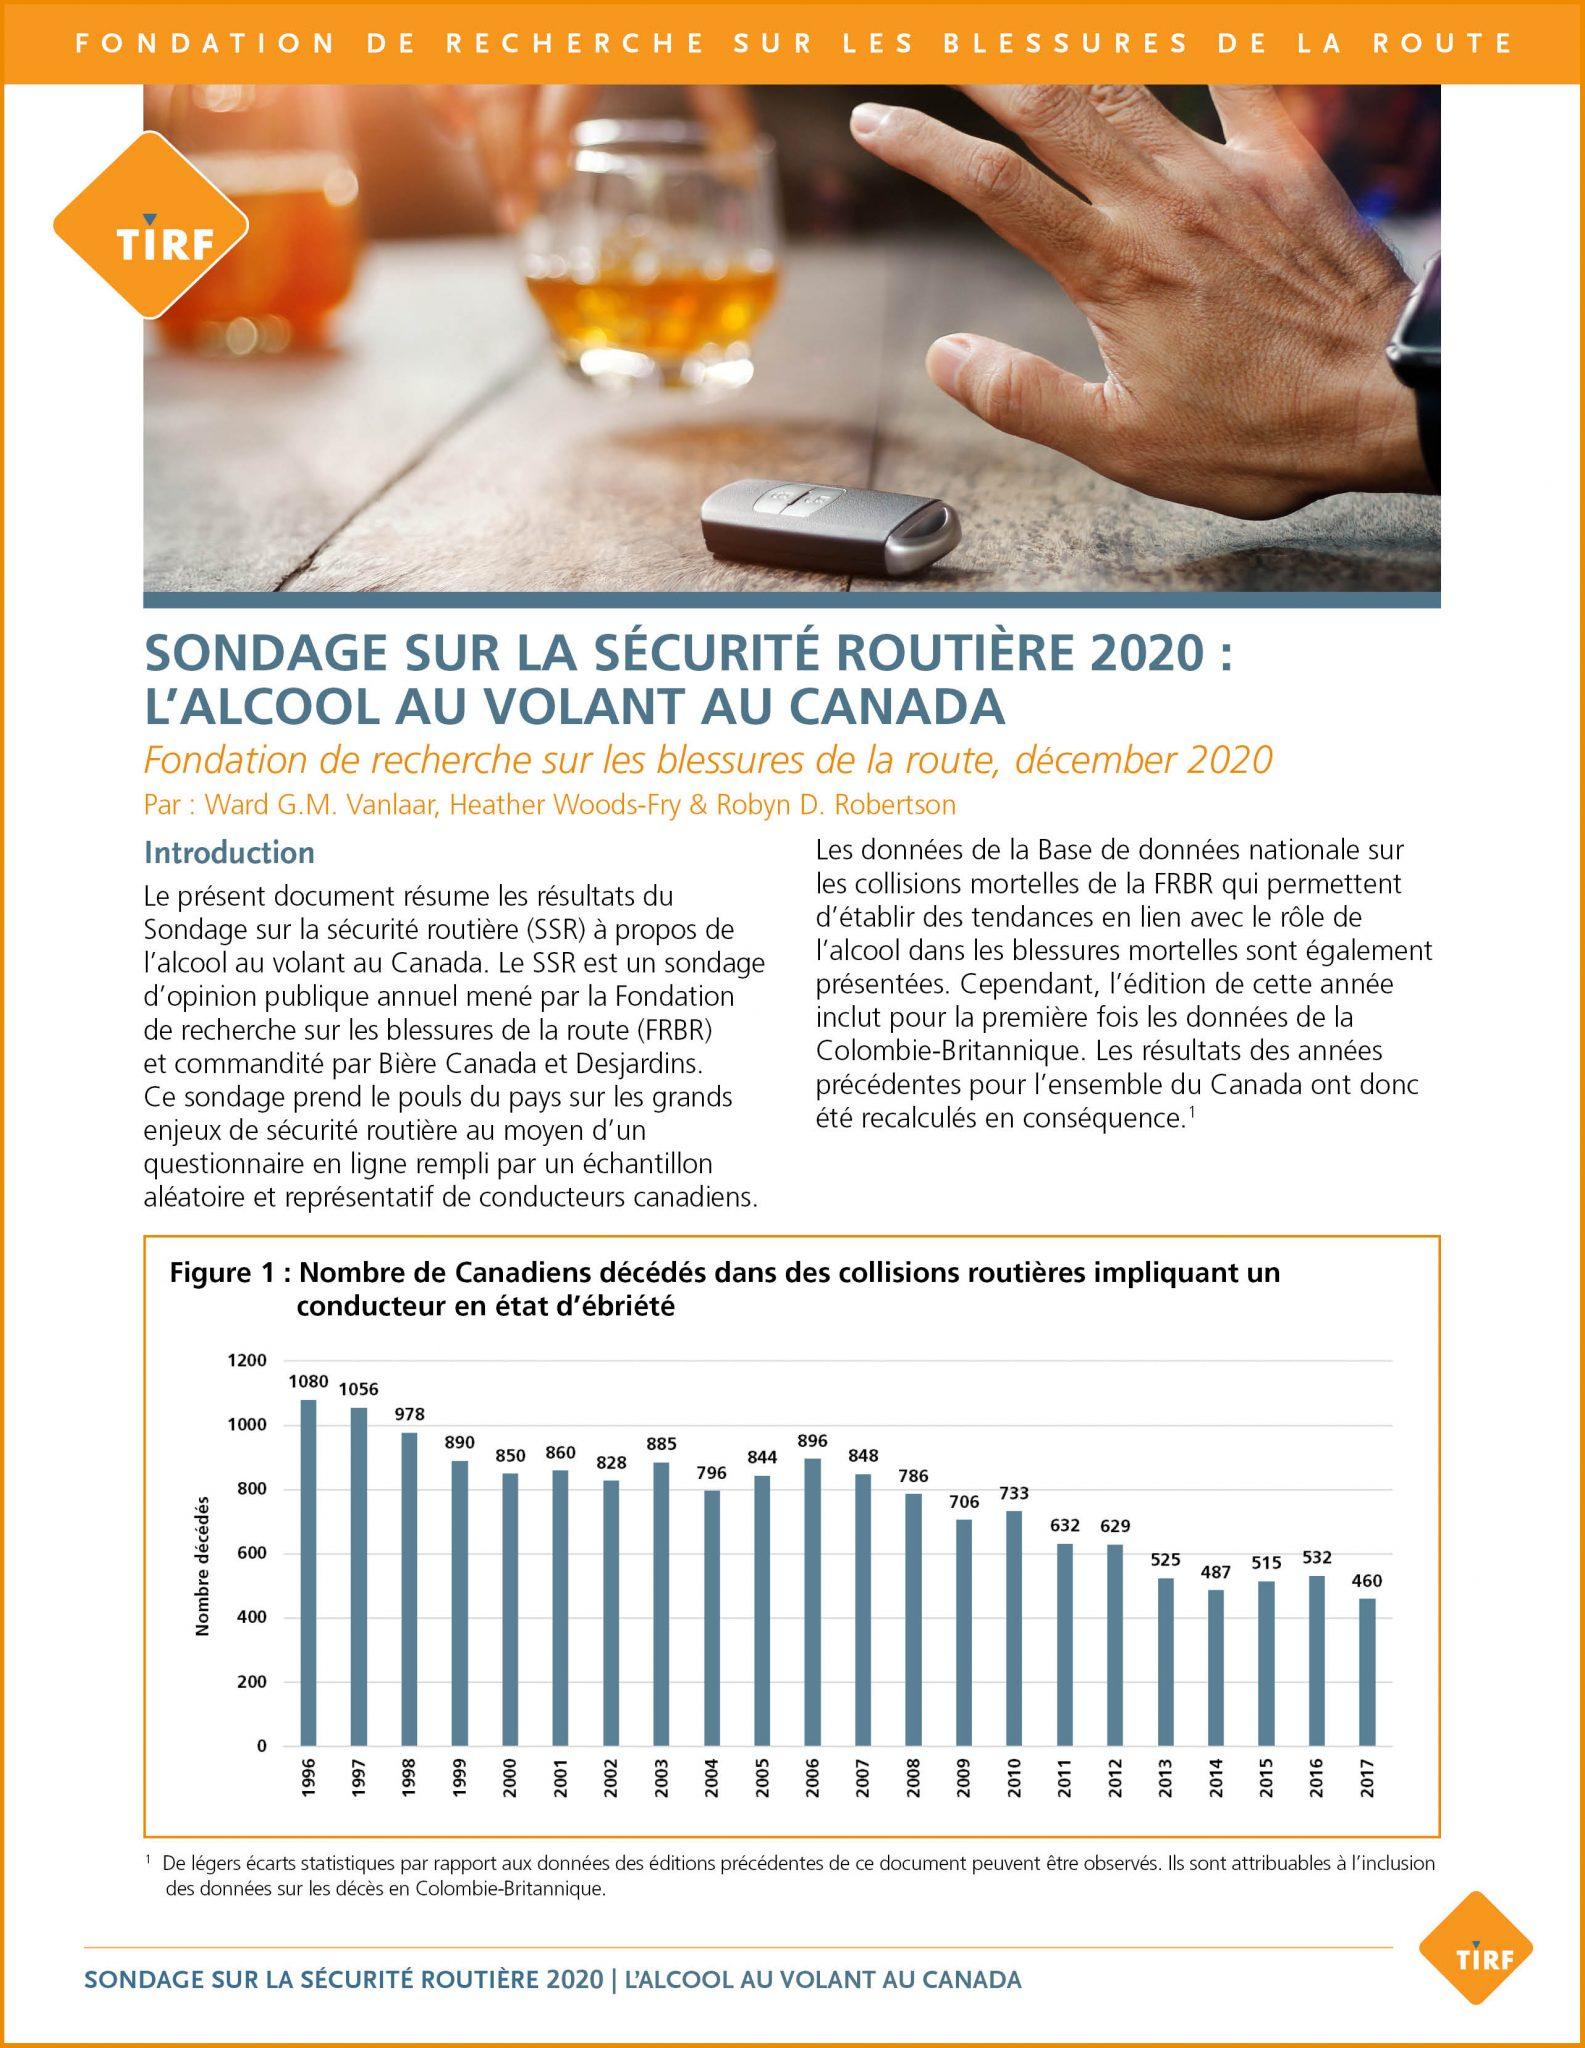 Sondage sur la sécurité routière 2020 : L'alcool au volant au Canada